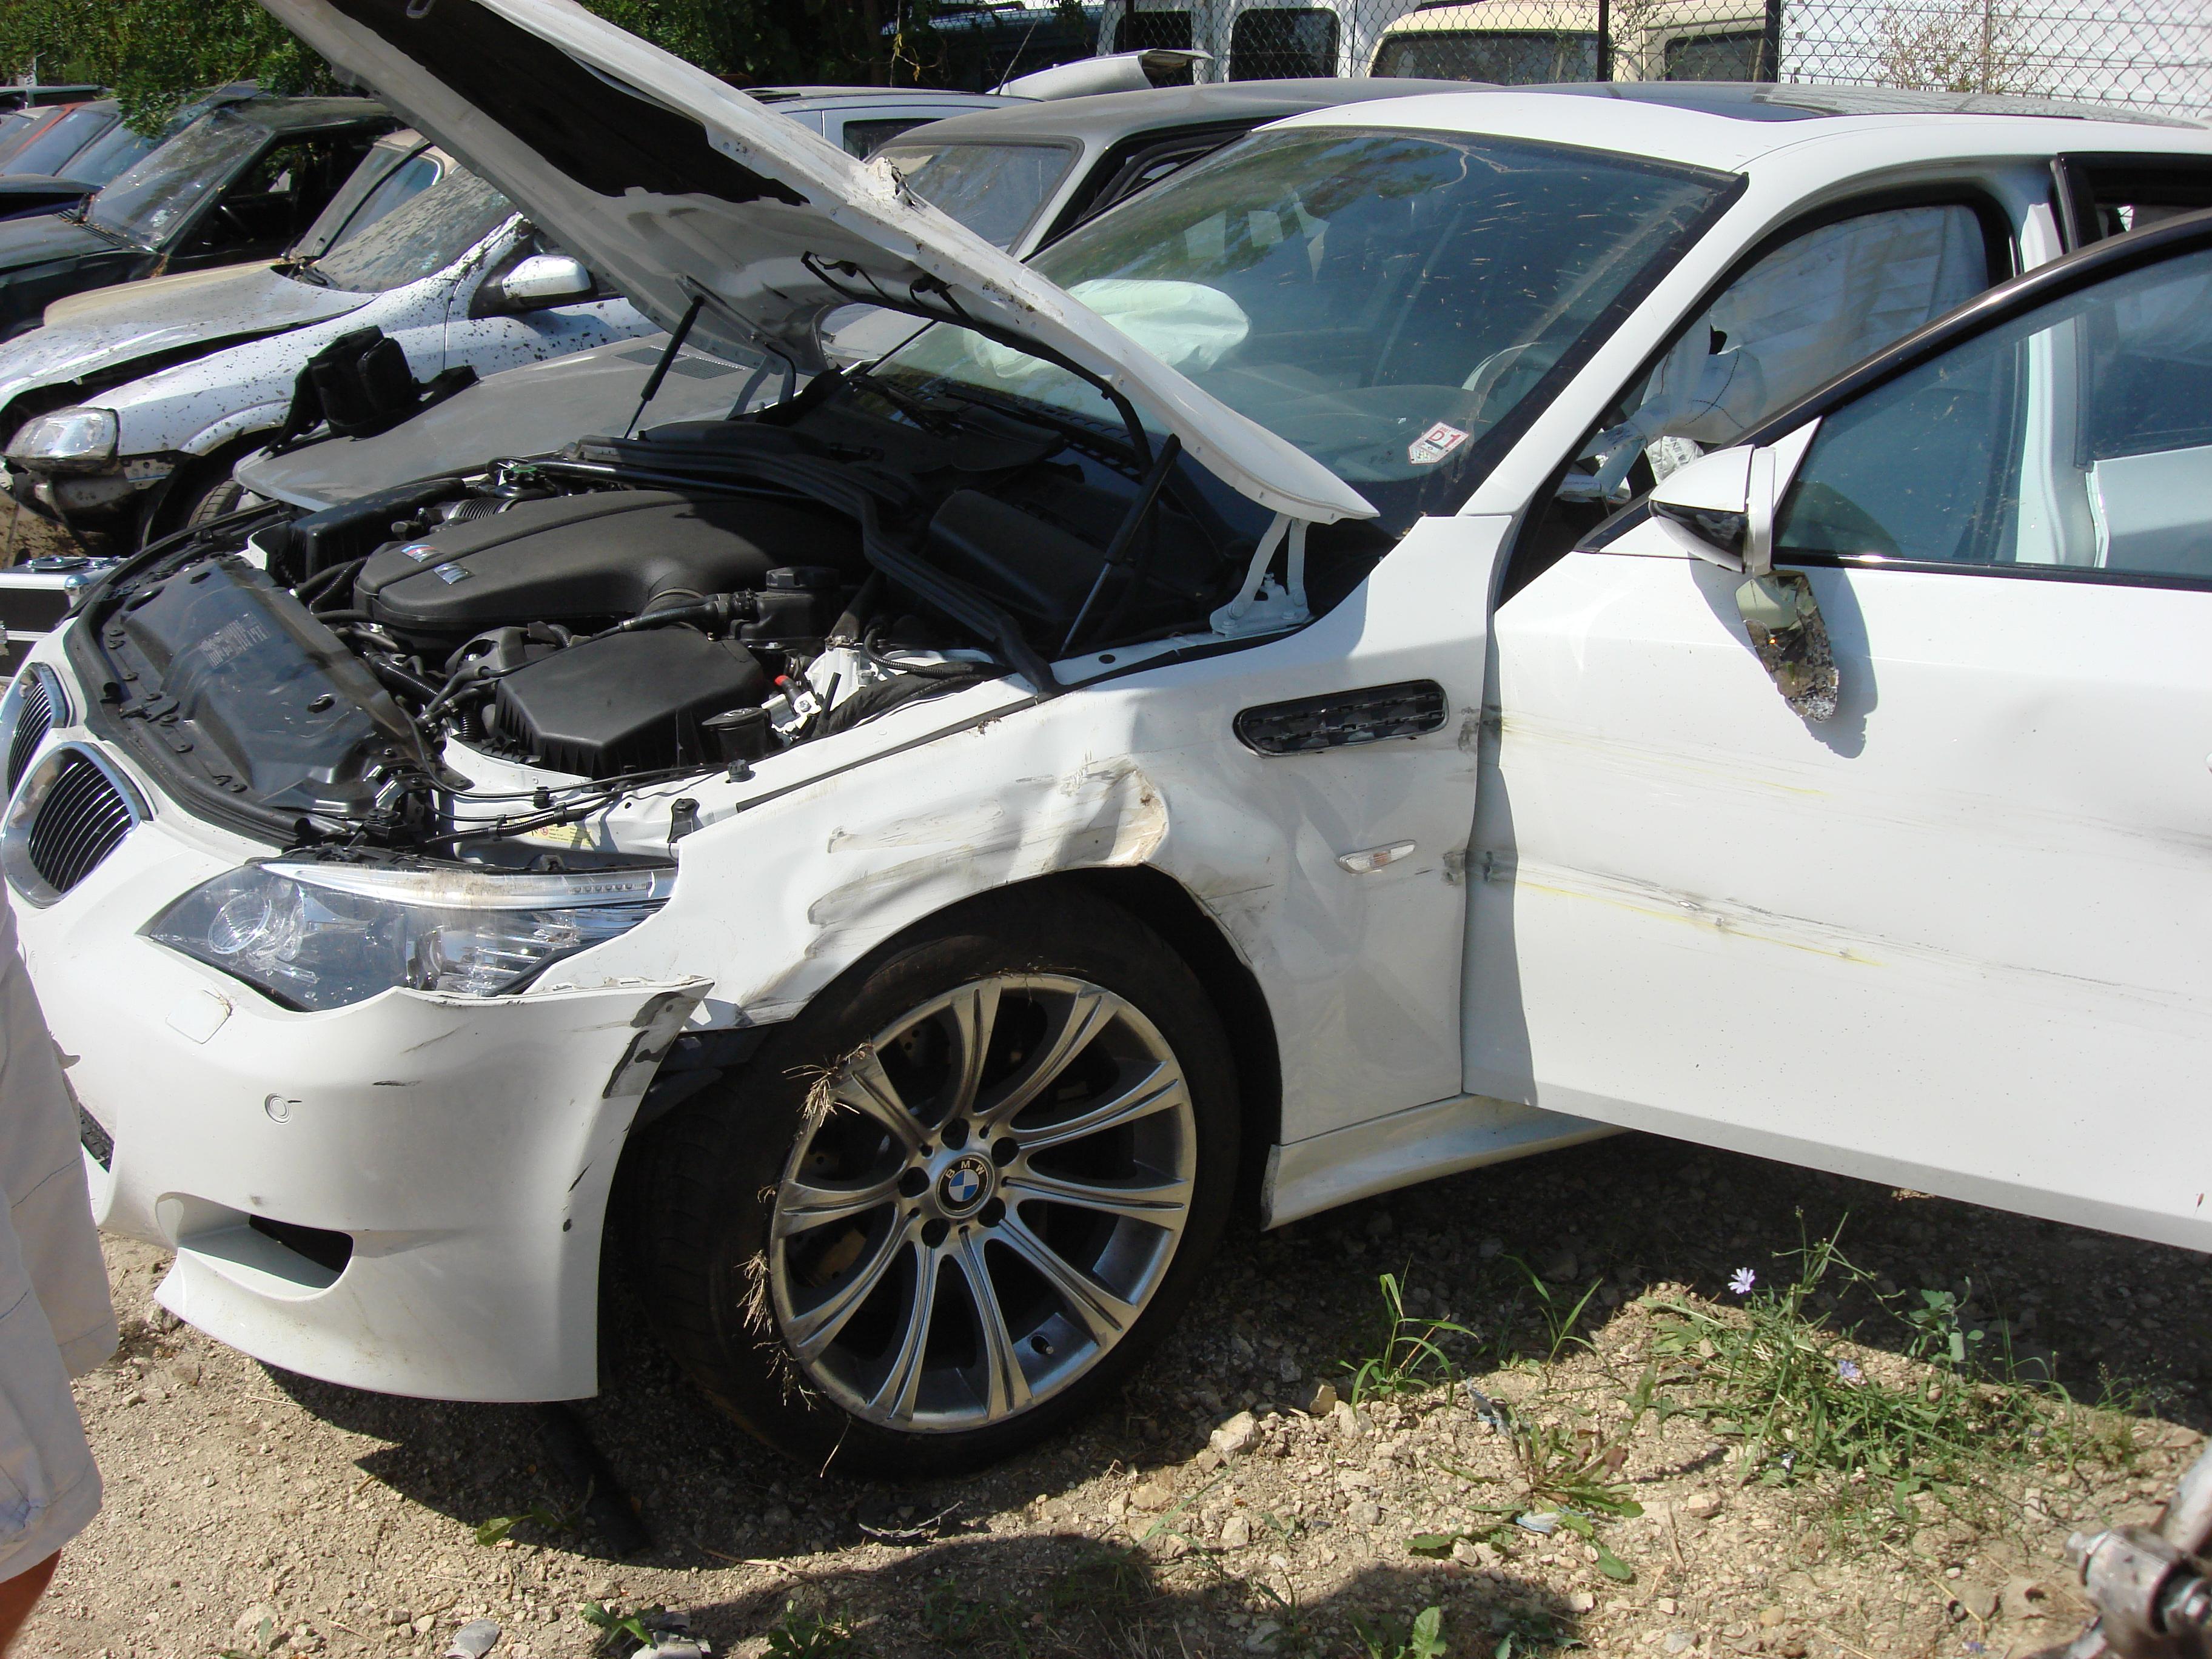 photos and story of autobahn crash (no more alpine white e61 m5